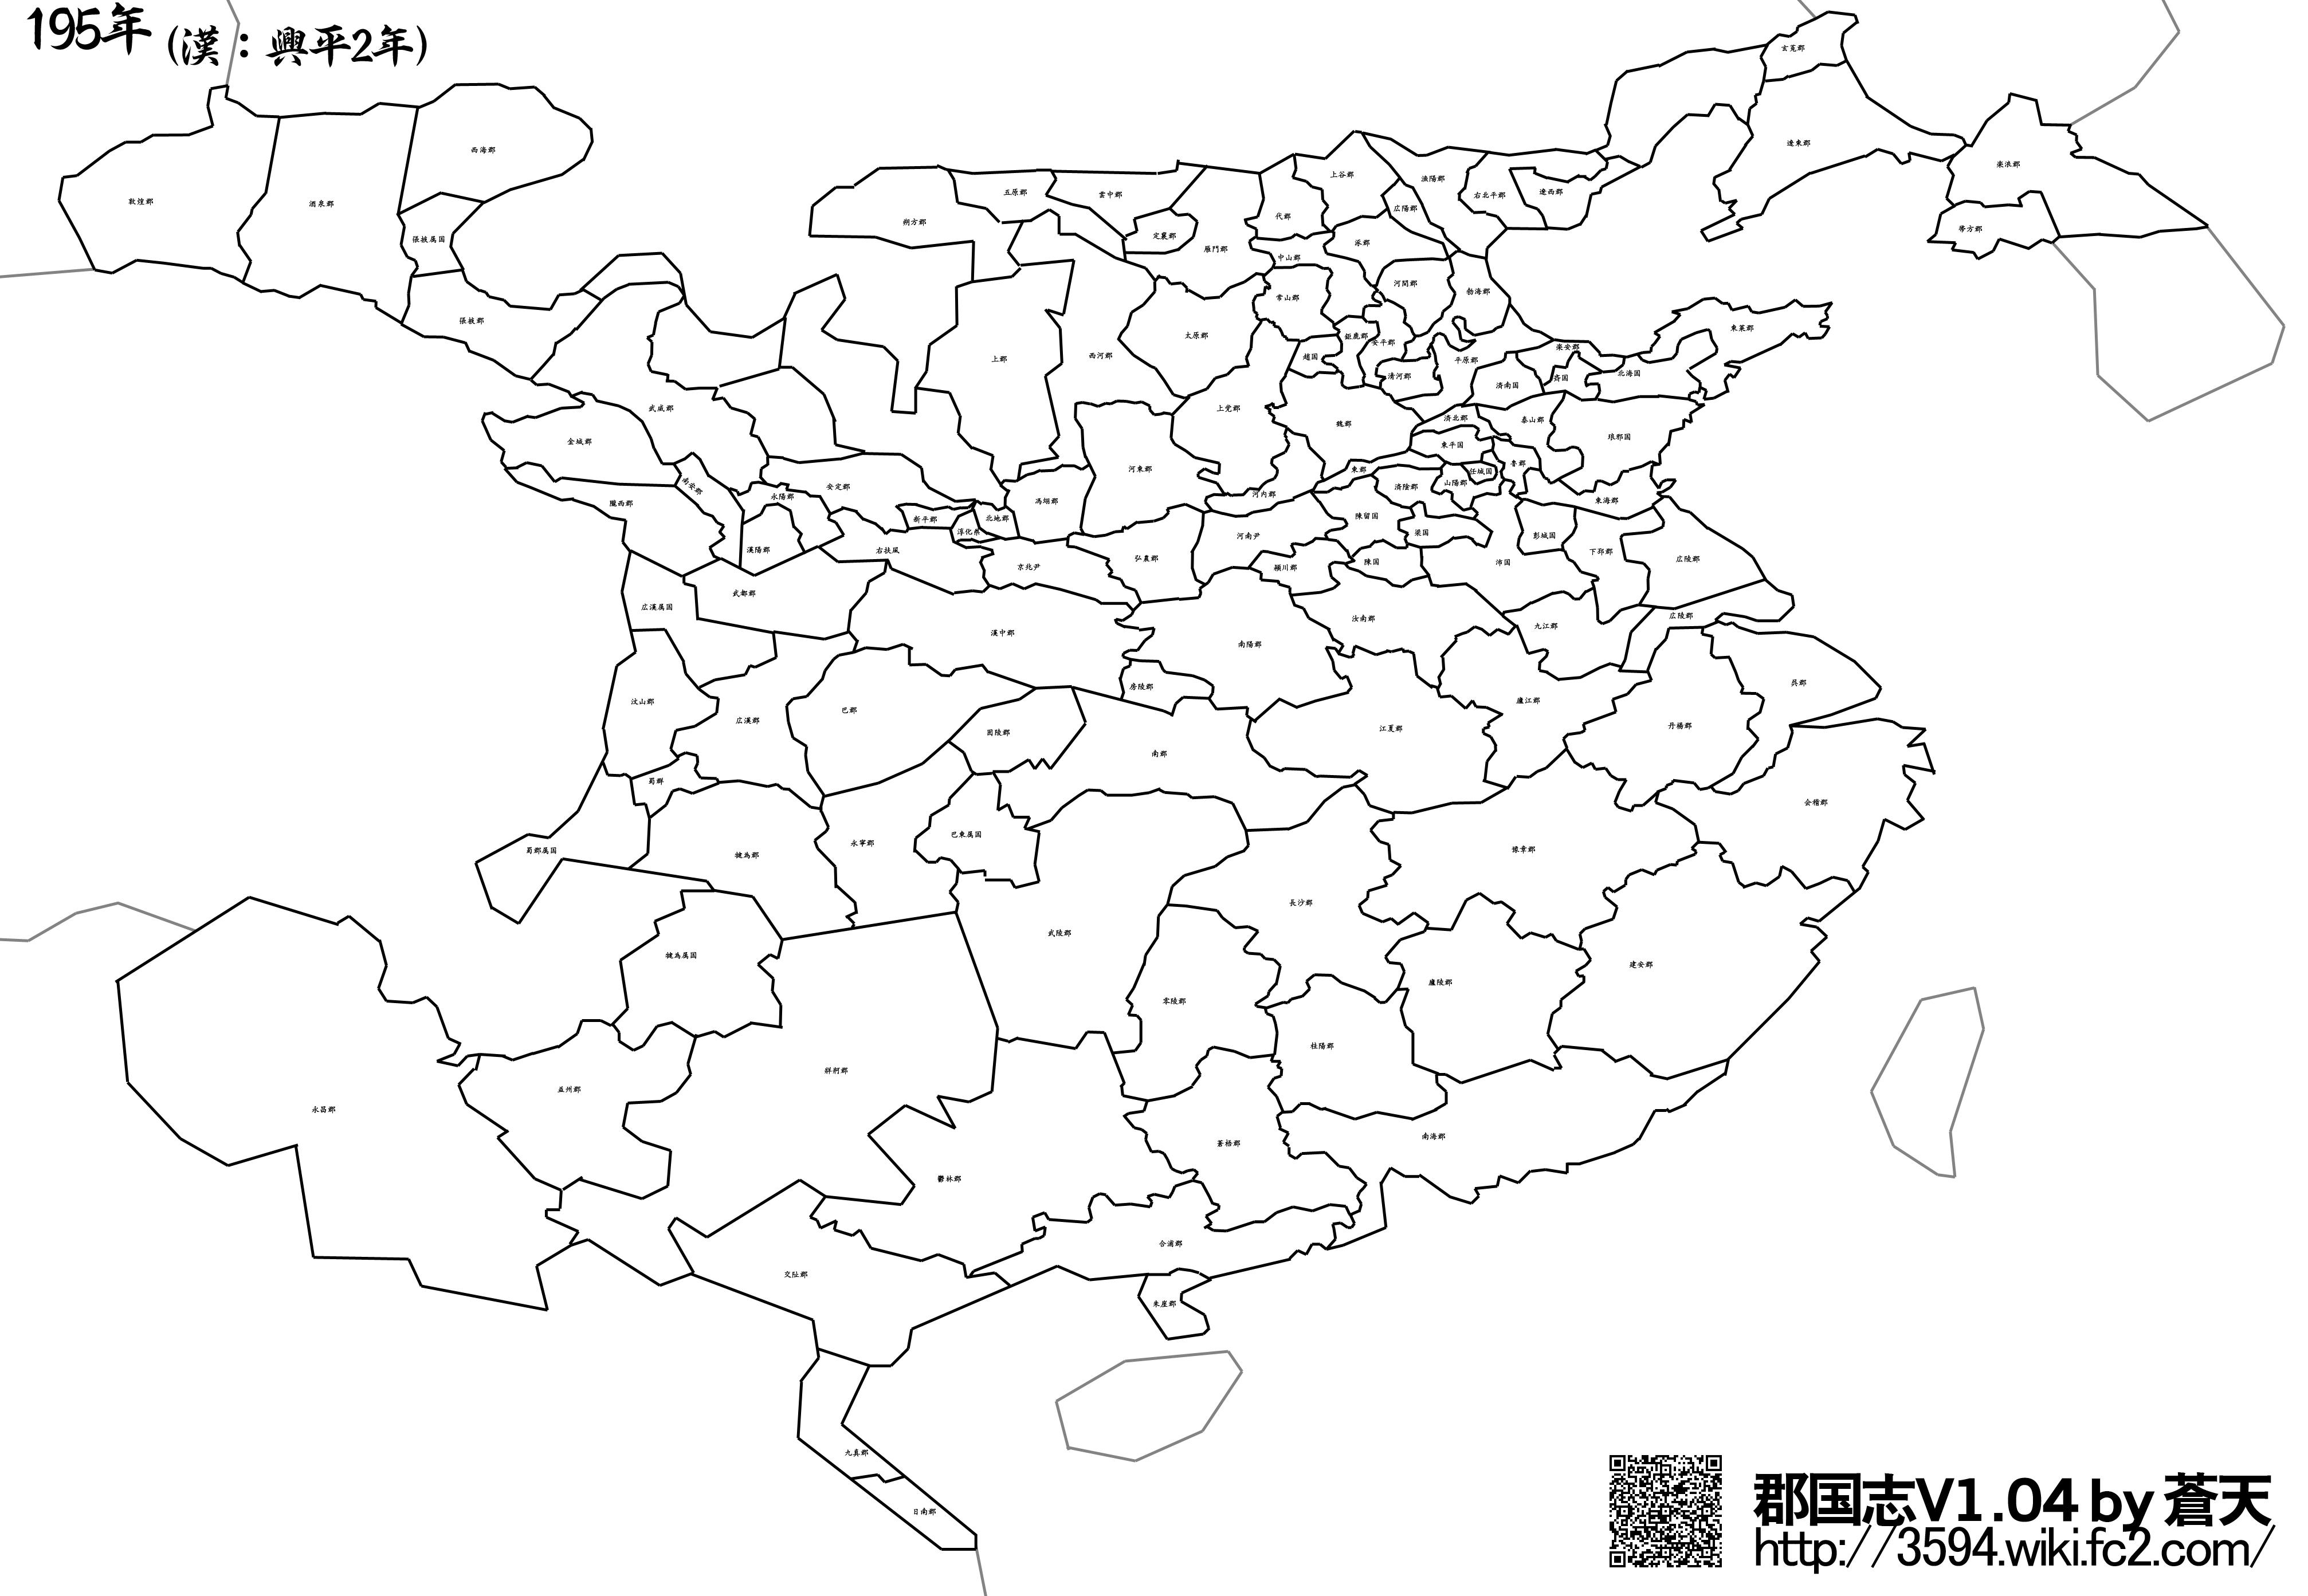 郡国志v104_195年